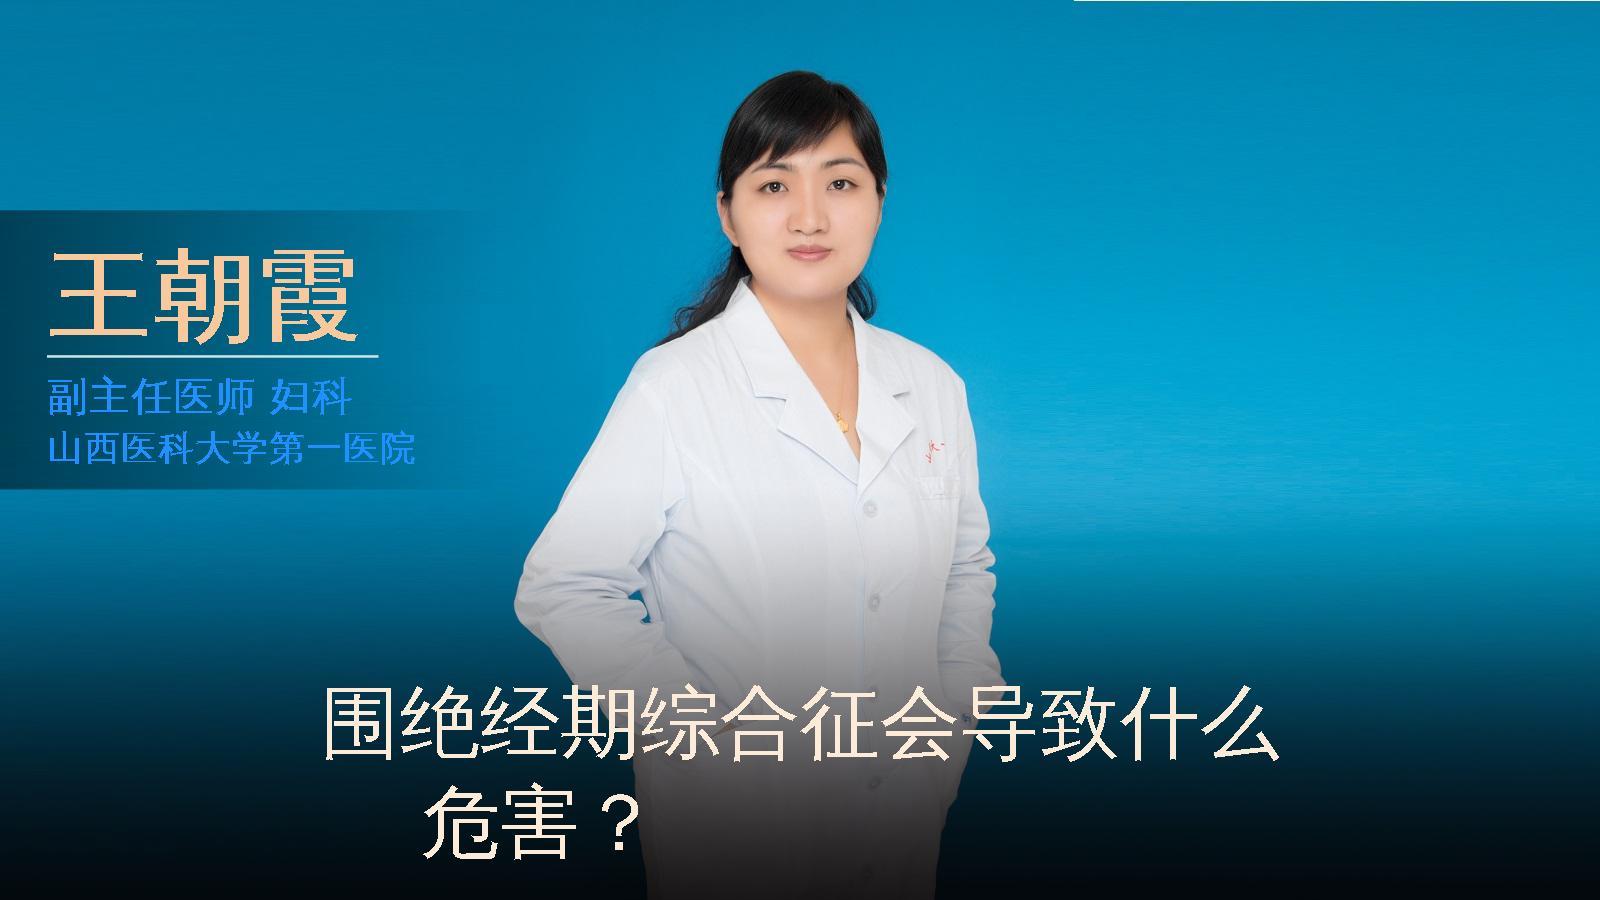 围绝经期综合征会导致什么危害?